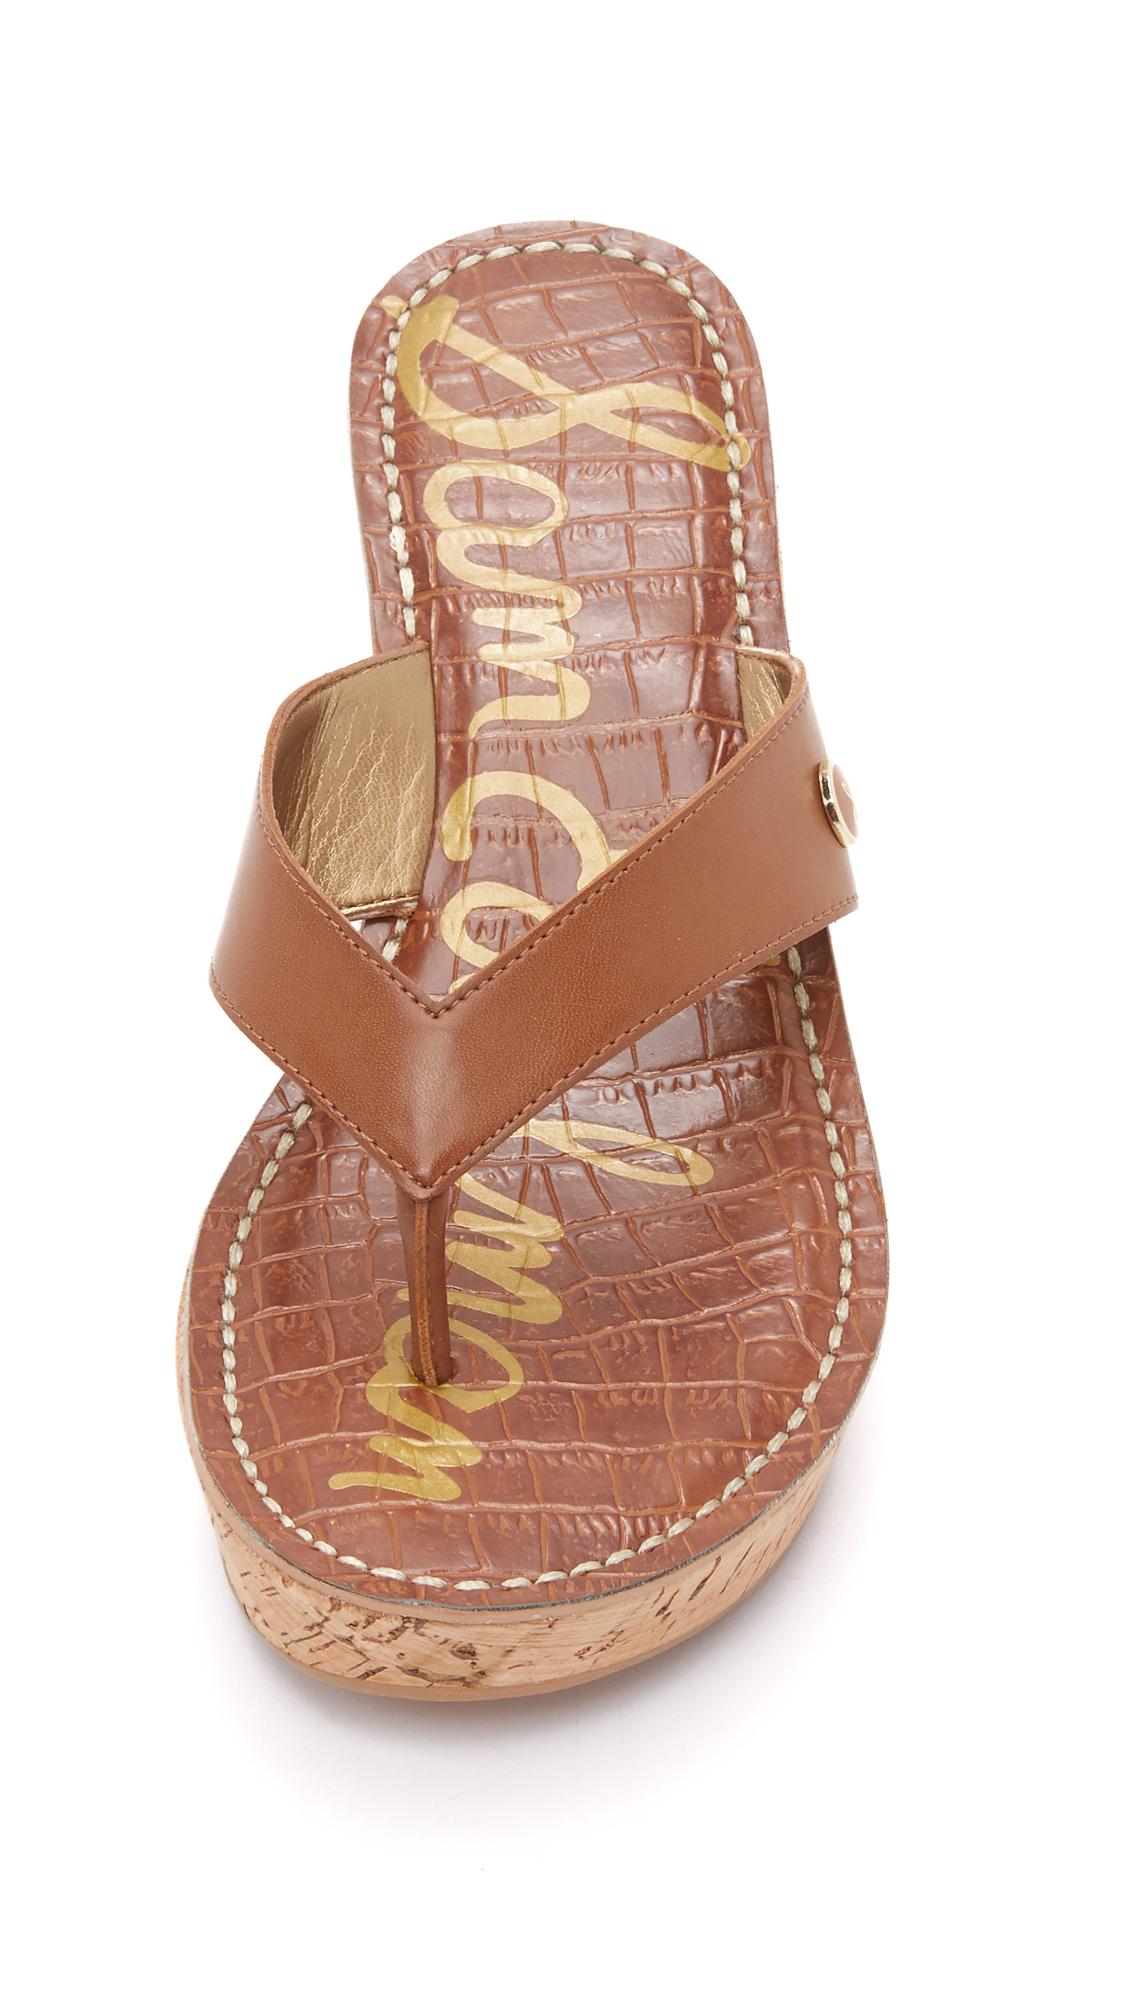 Sam Edelman Romy Wedge Thong Sandals In Brown Lyst